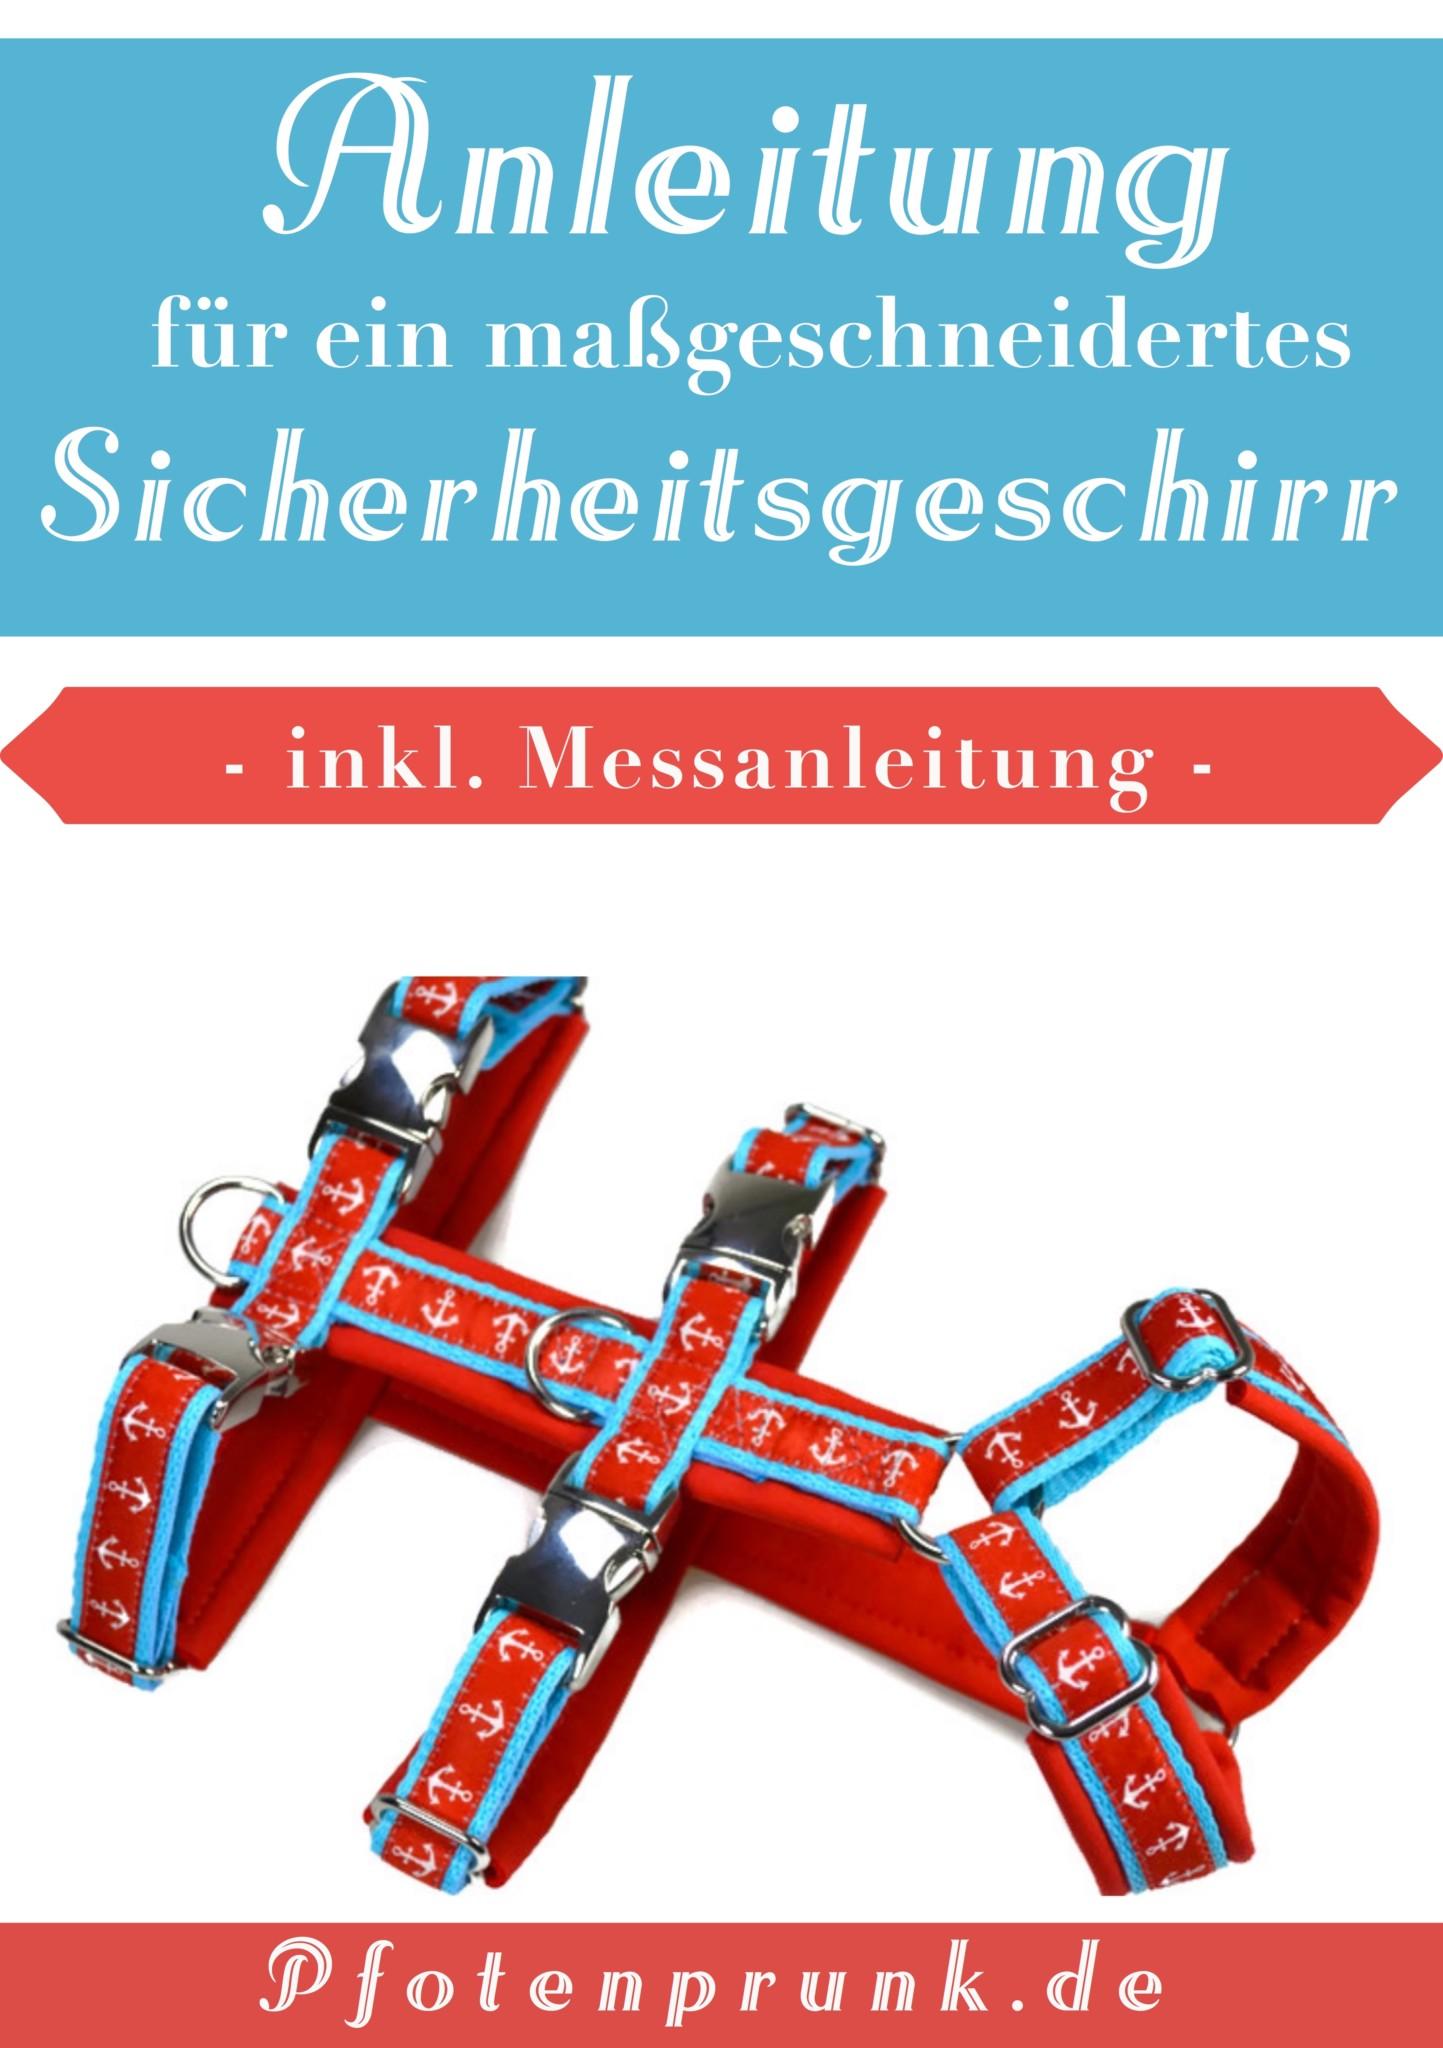 Geschirr_Sicherheitsgeschirr_Windhundgeschirr_Anleitung_DIY_Pfotenprunk